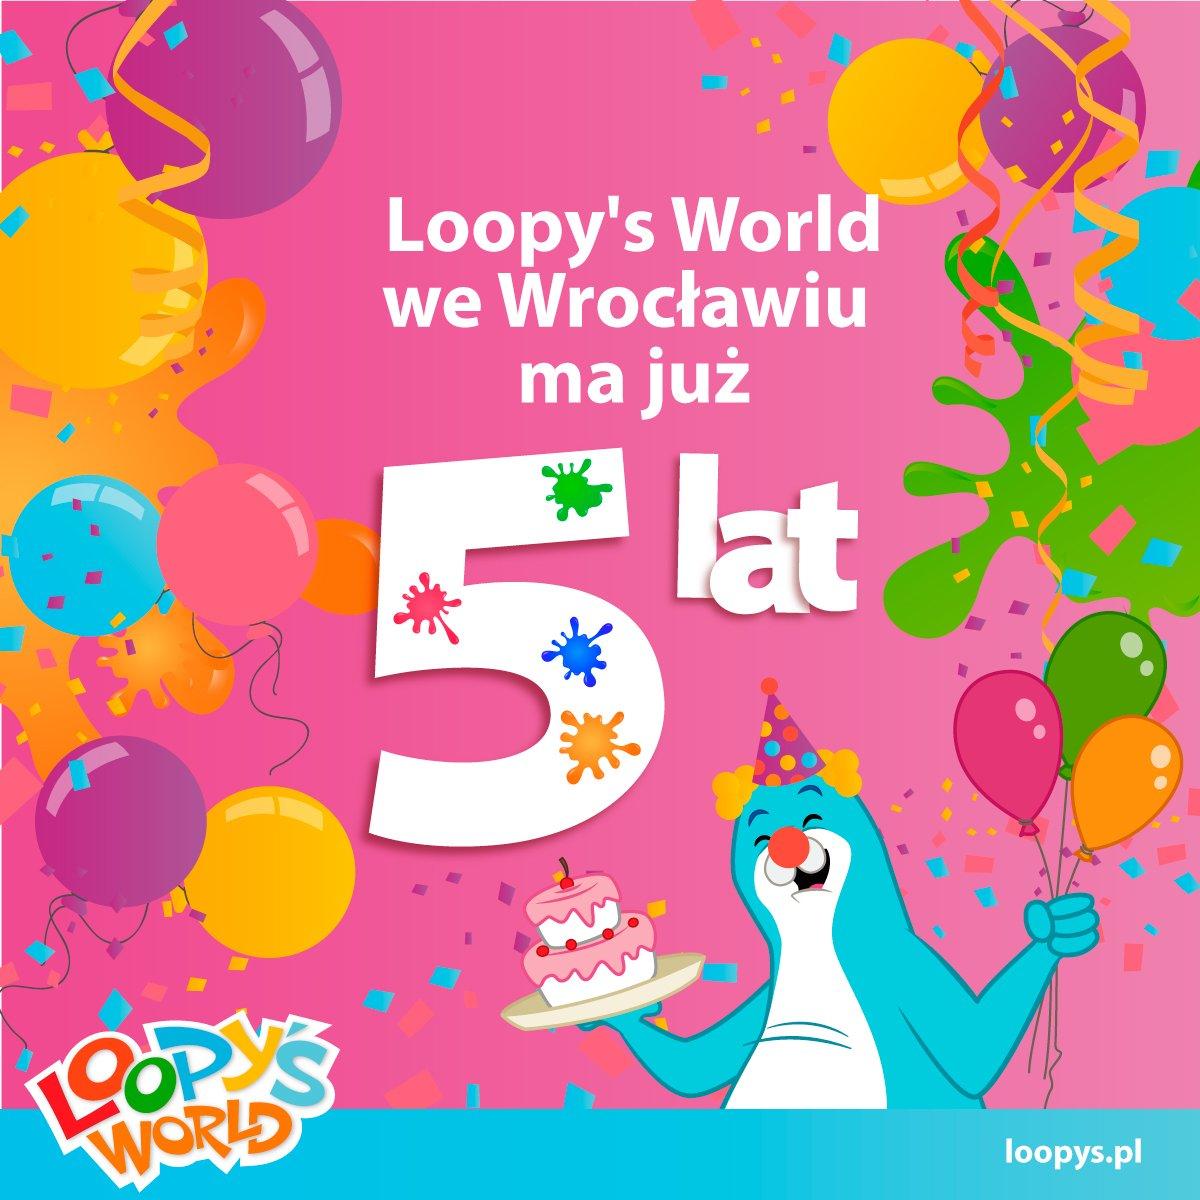 urodziny loopys world